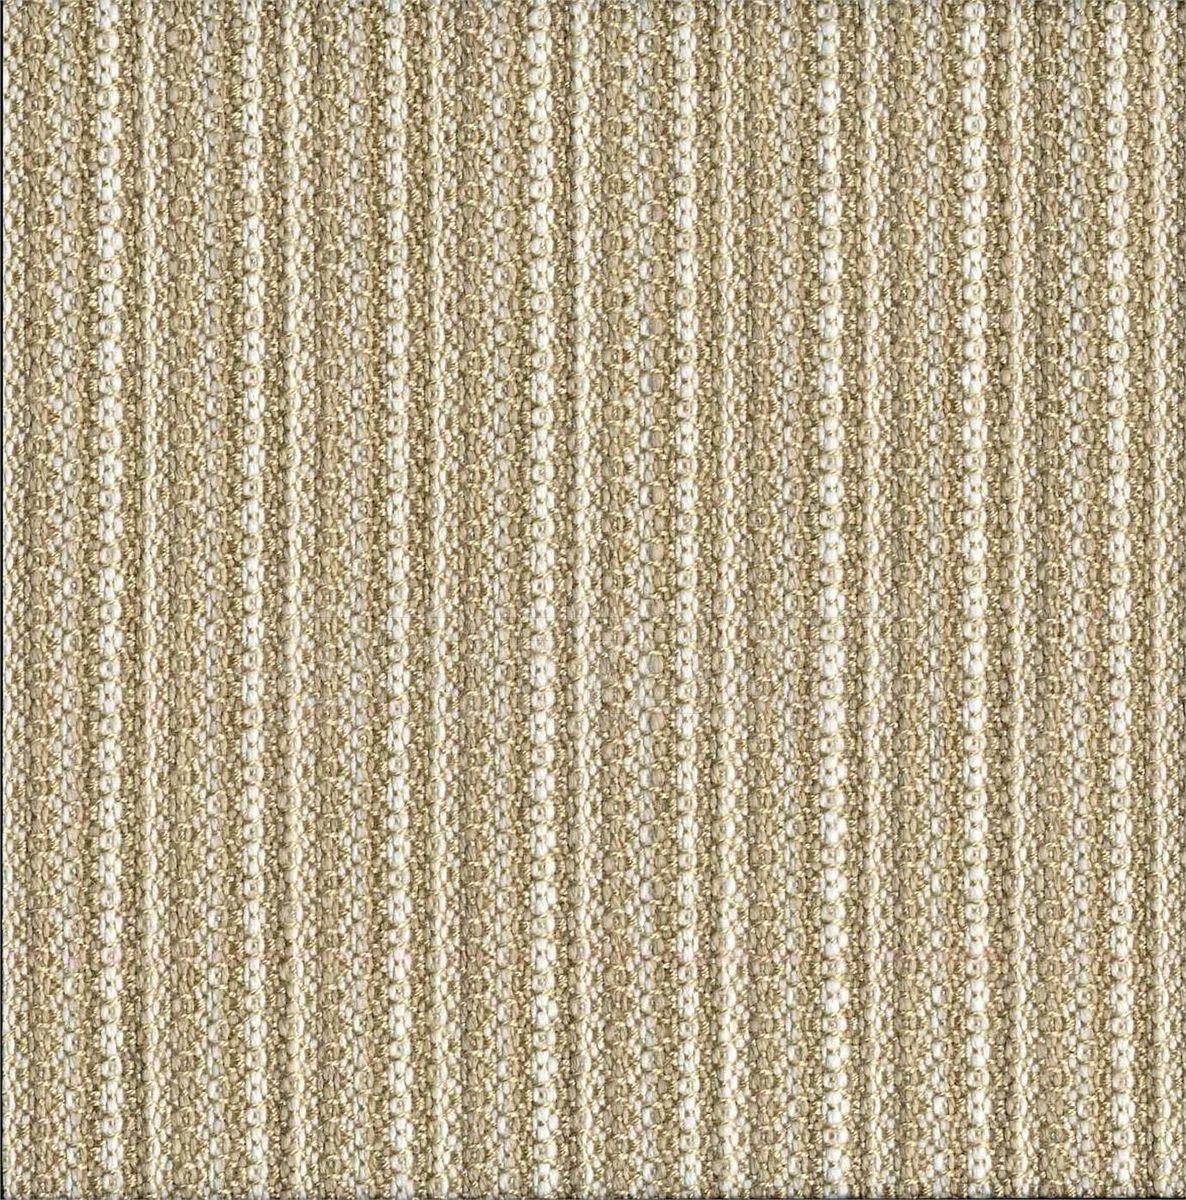 Купить Портьерная, обивочная ткань DIAMANTINA DUE Brochier FIAMMA J2836 001